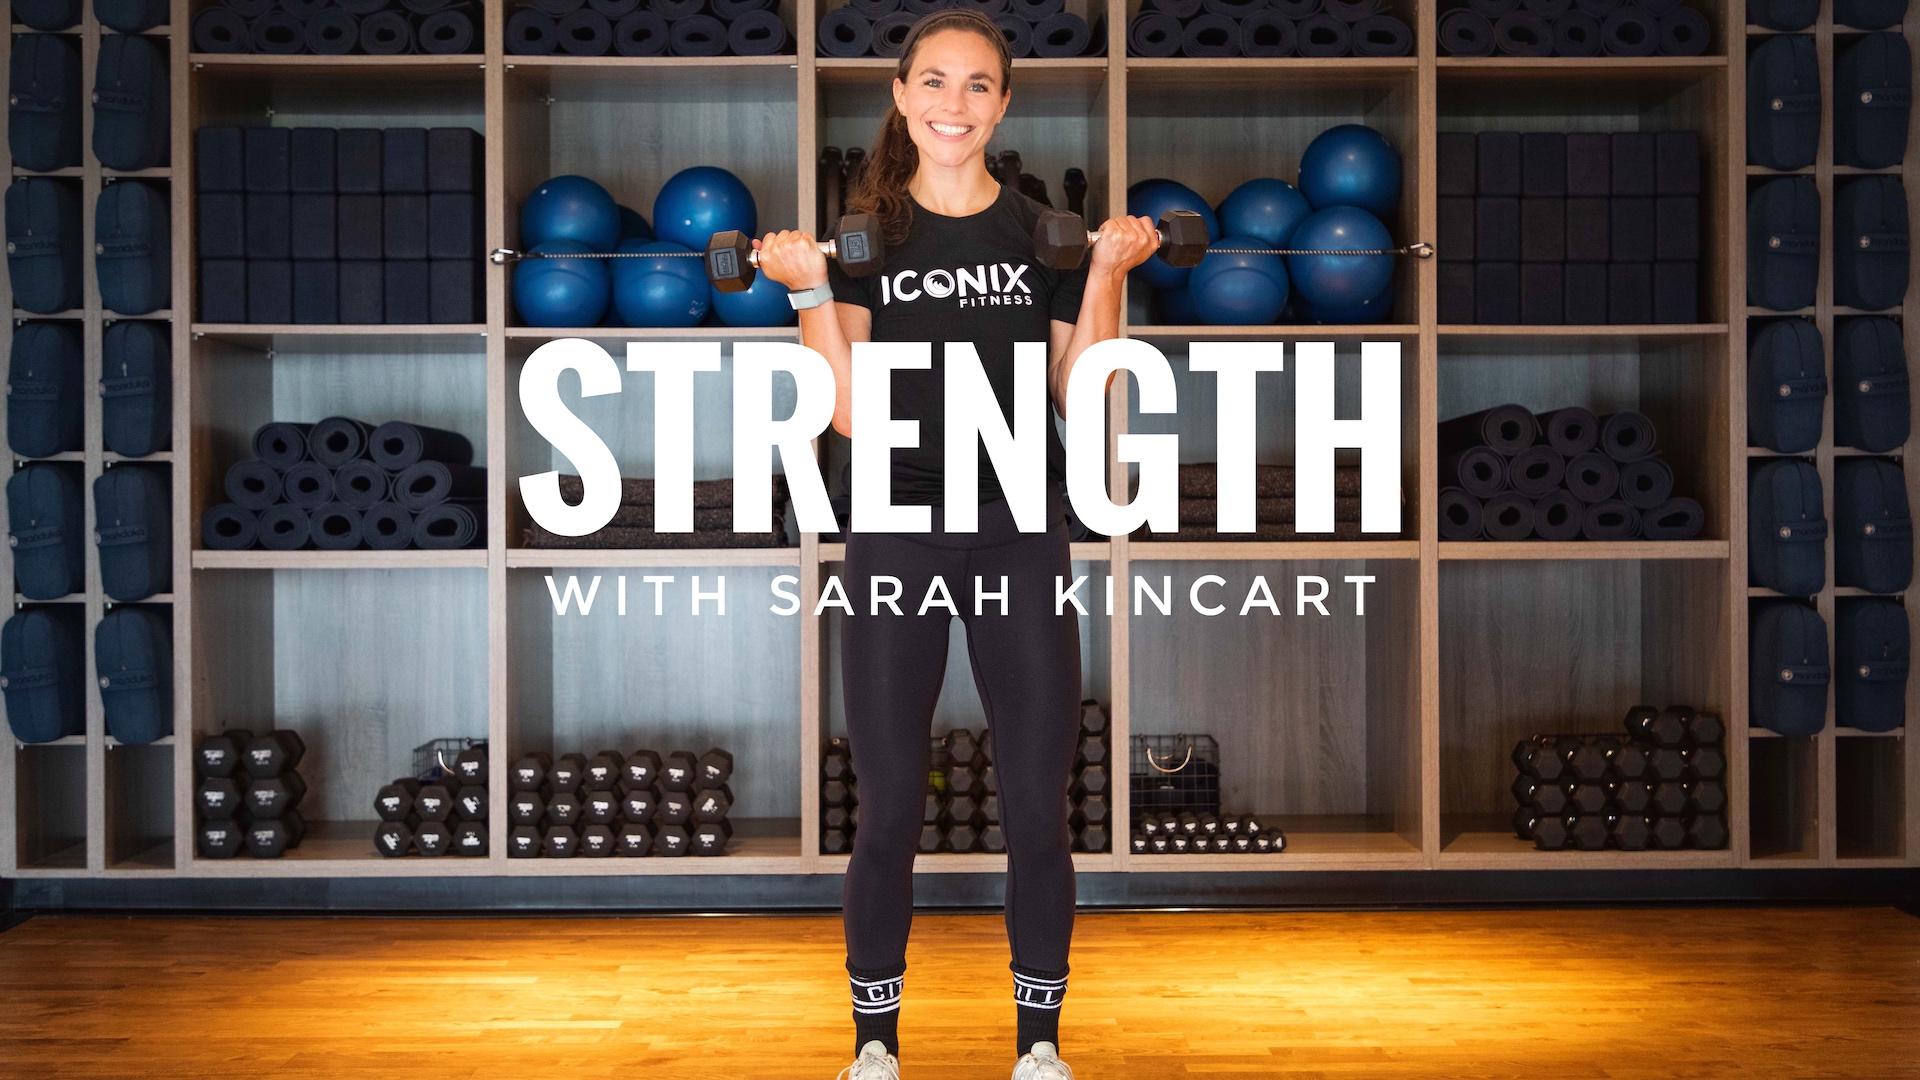 Strength with Sarah Kincart